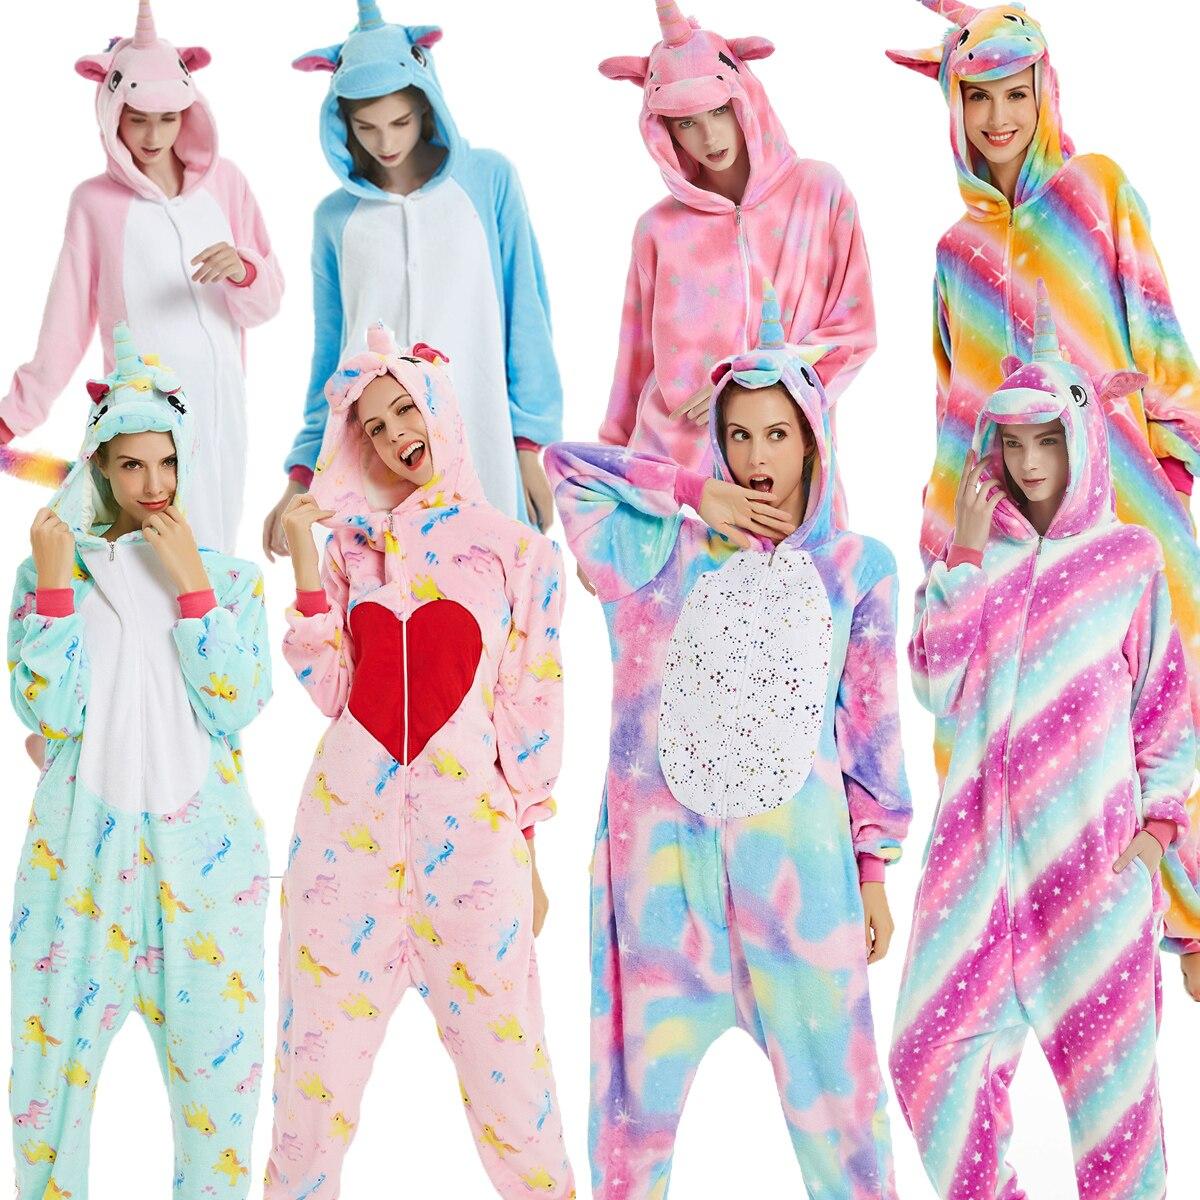 BIKIRUB взрослая Пижама для женщин Фланелевая Пижама унисекс кигуруми милый Единорог стежка мультфильм пижама для животных набор Дети с капюшоном пижамы